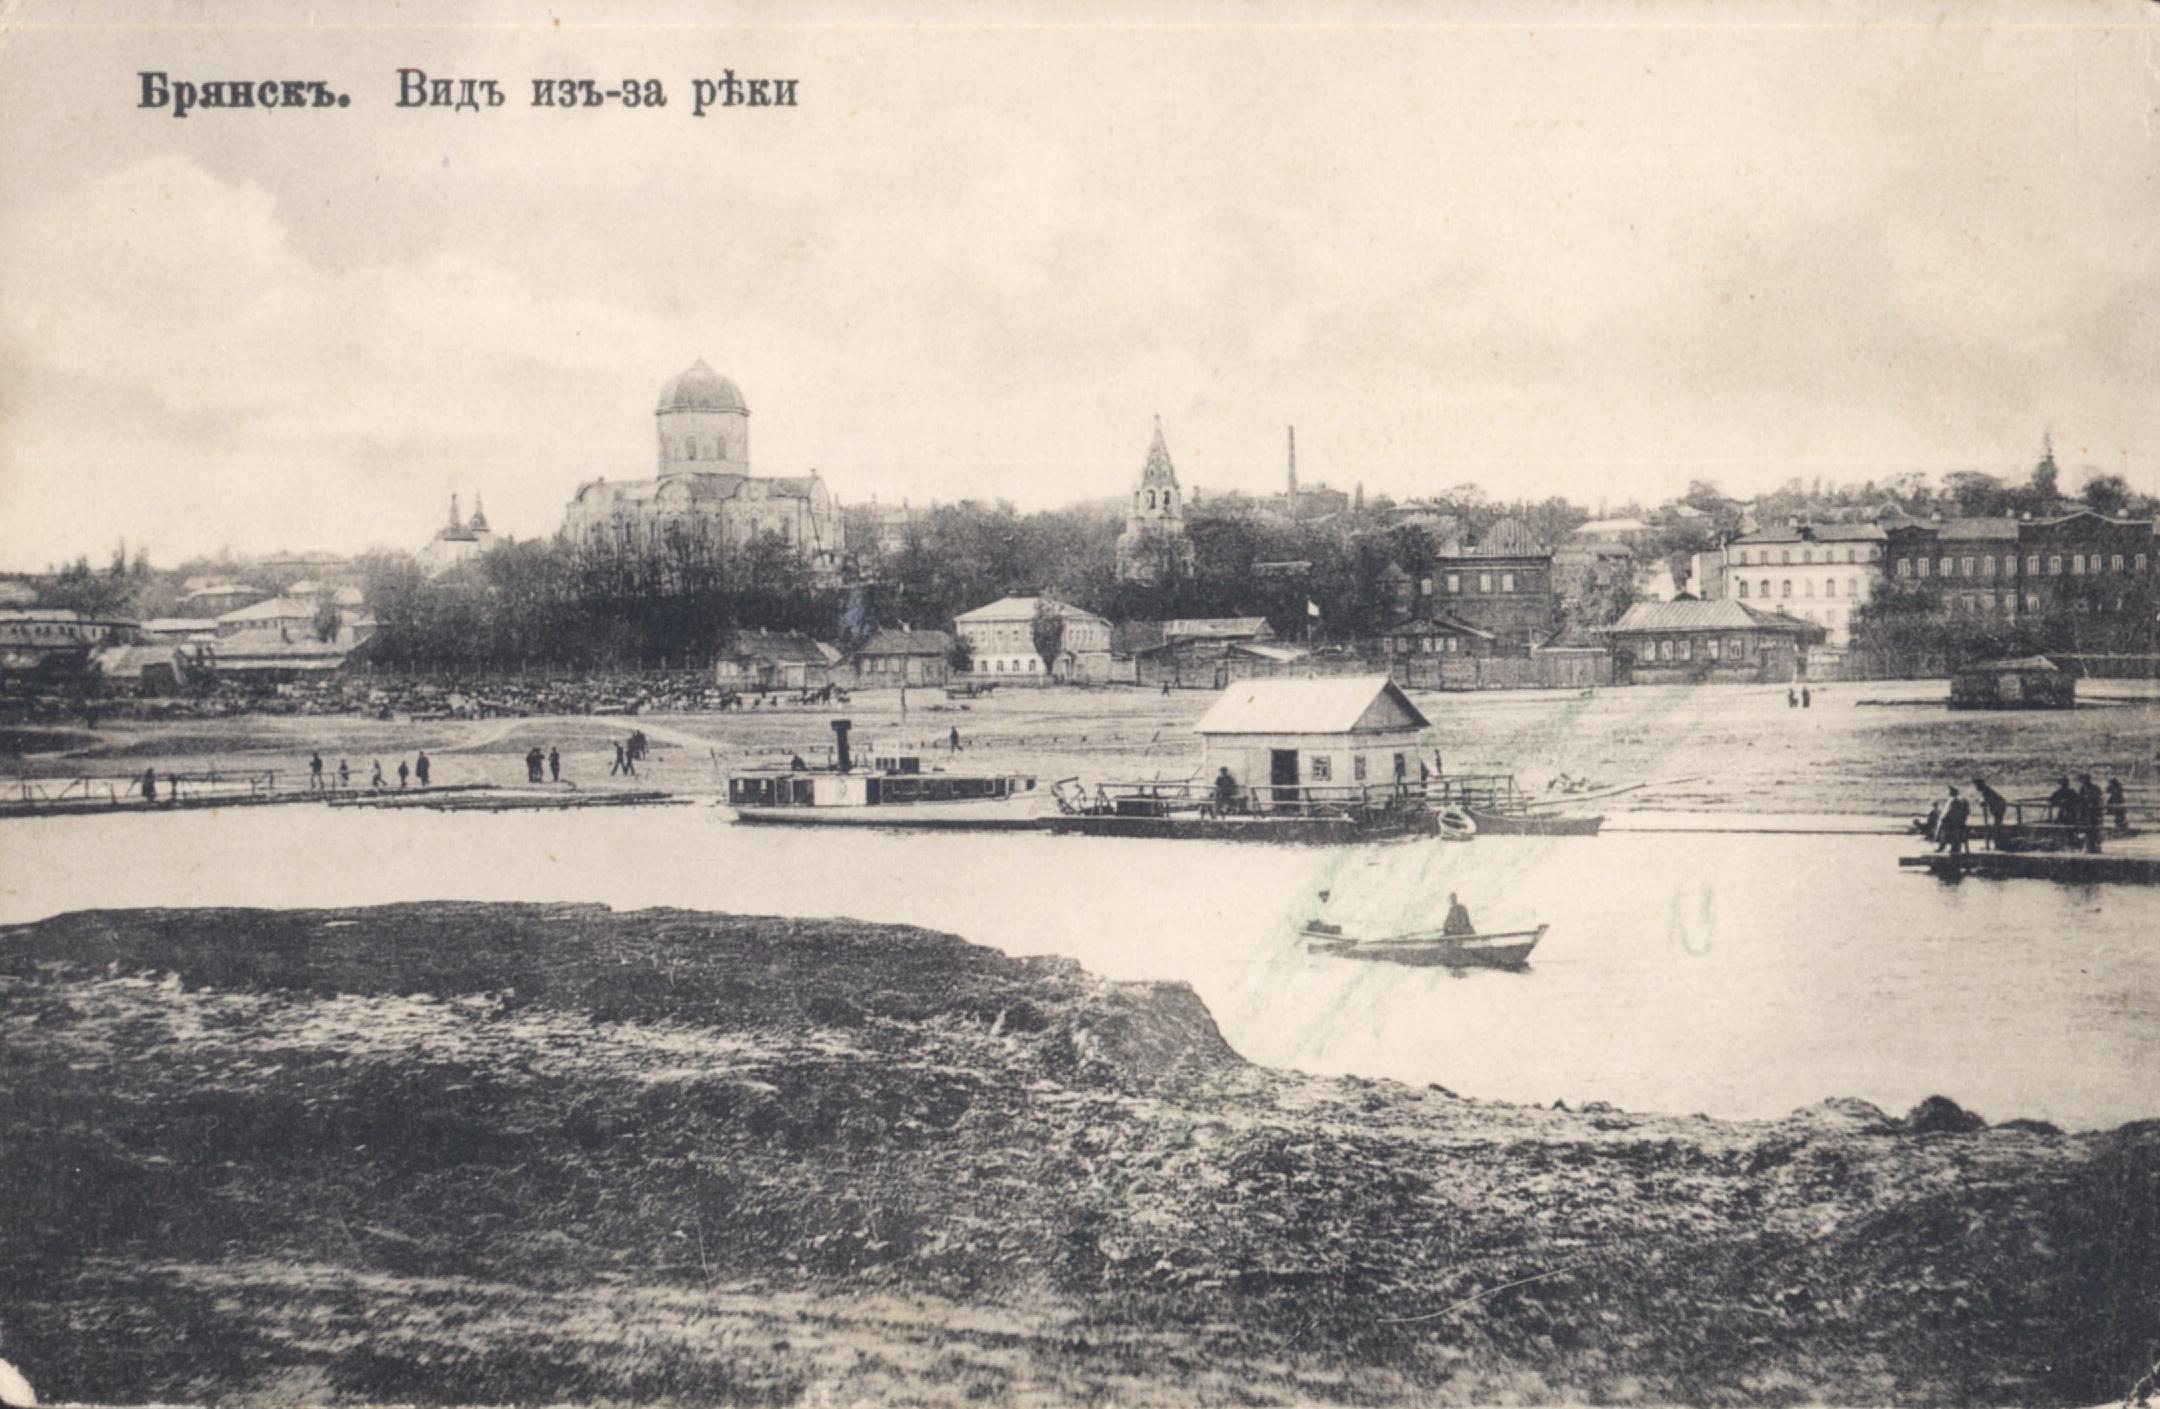 очень приятное, брянский край на старой открытке богатырь фото высокорослое